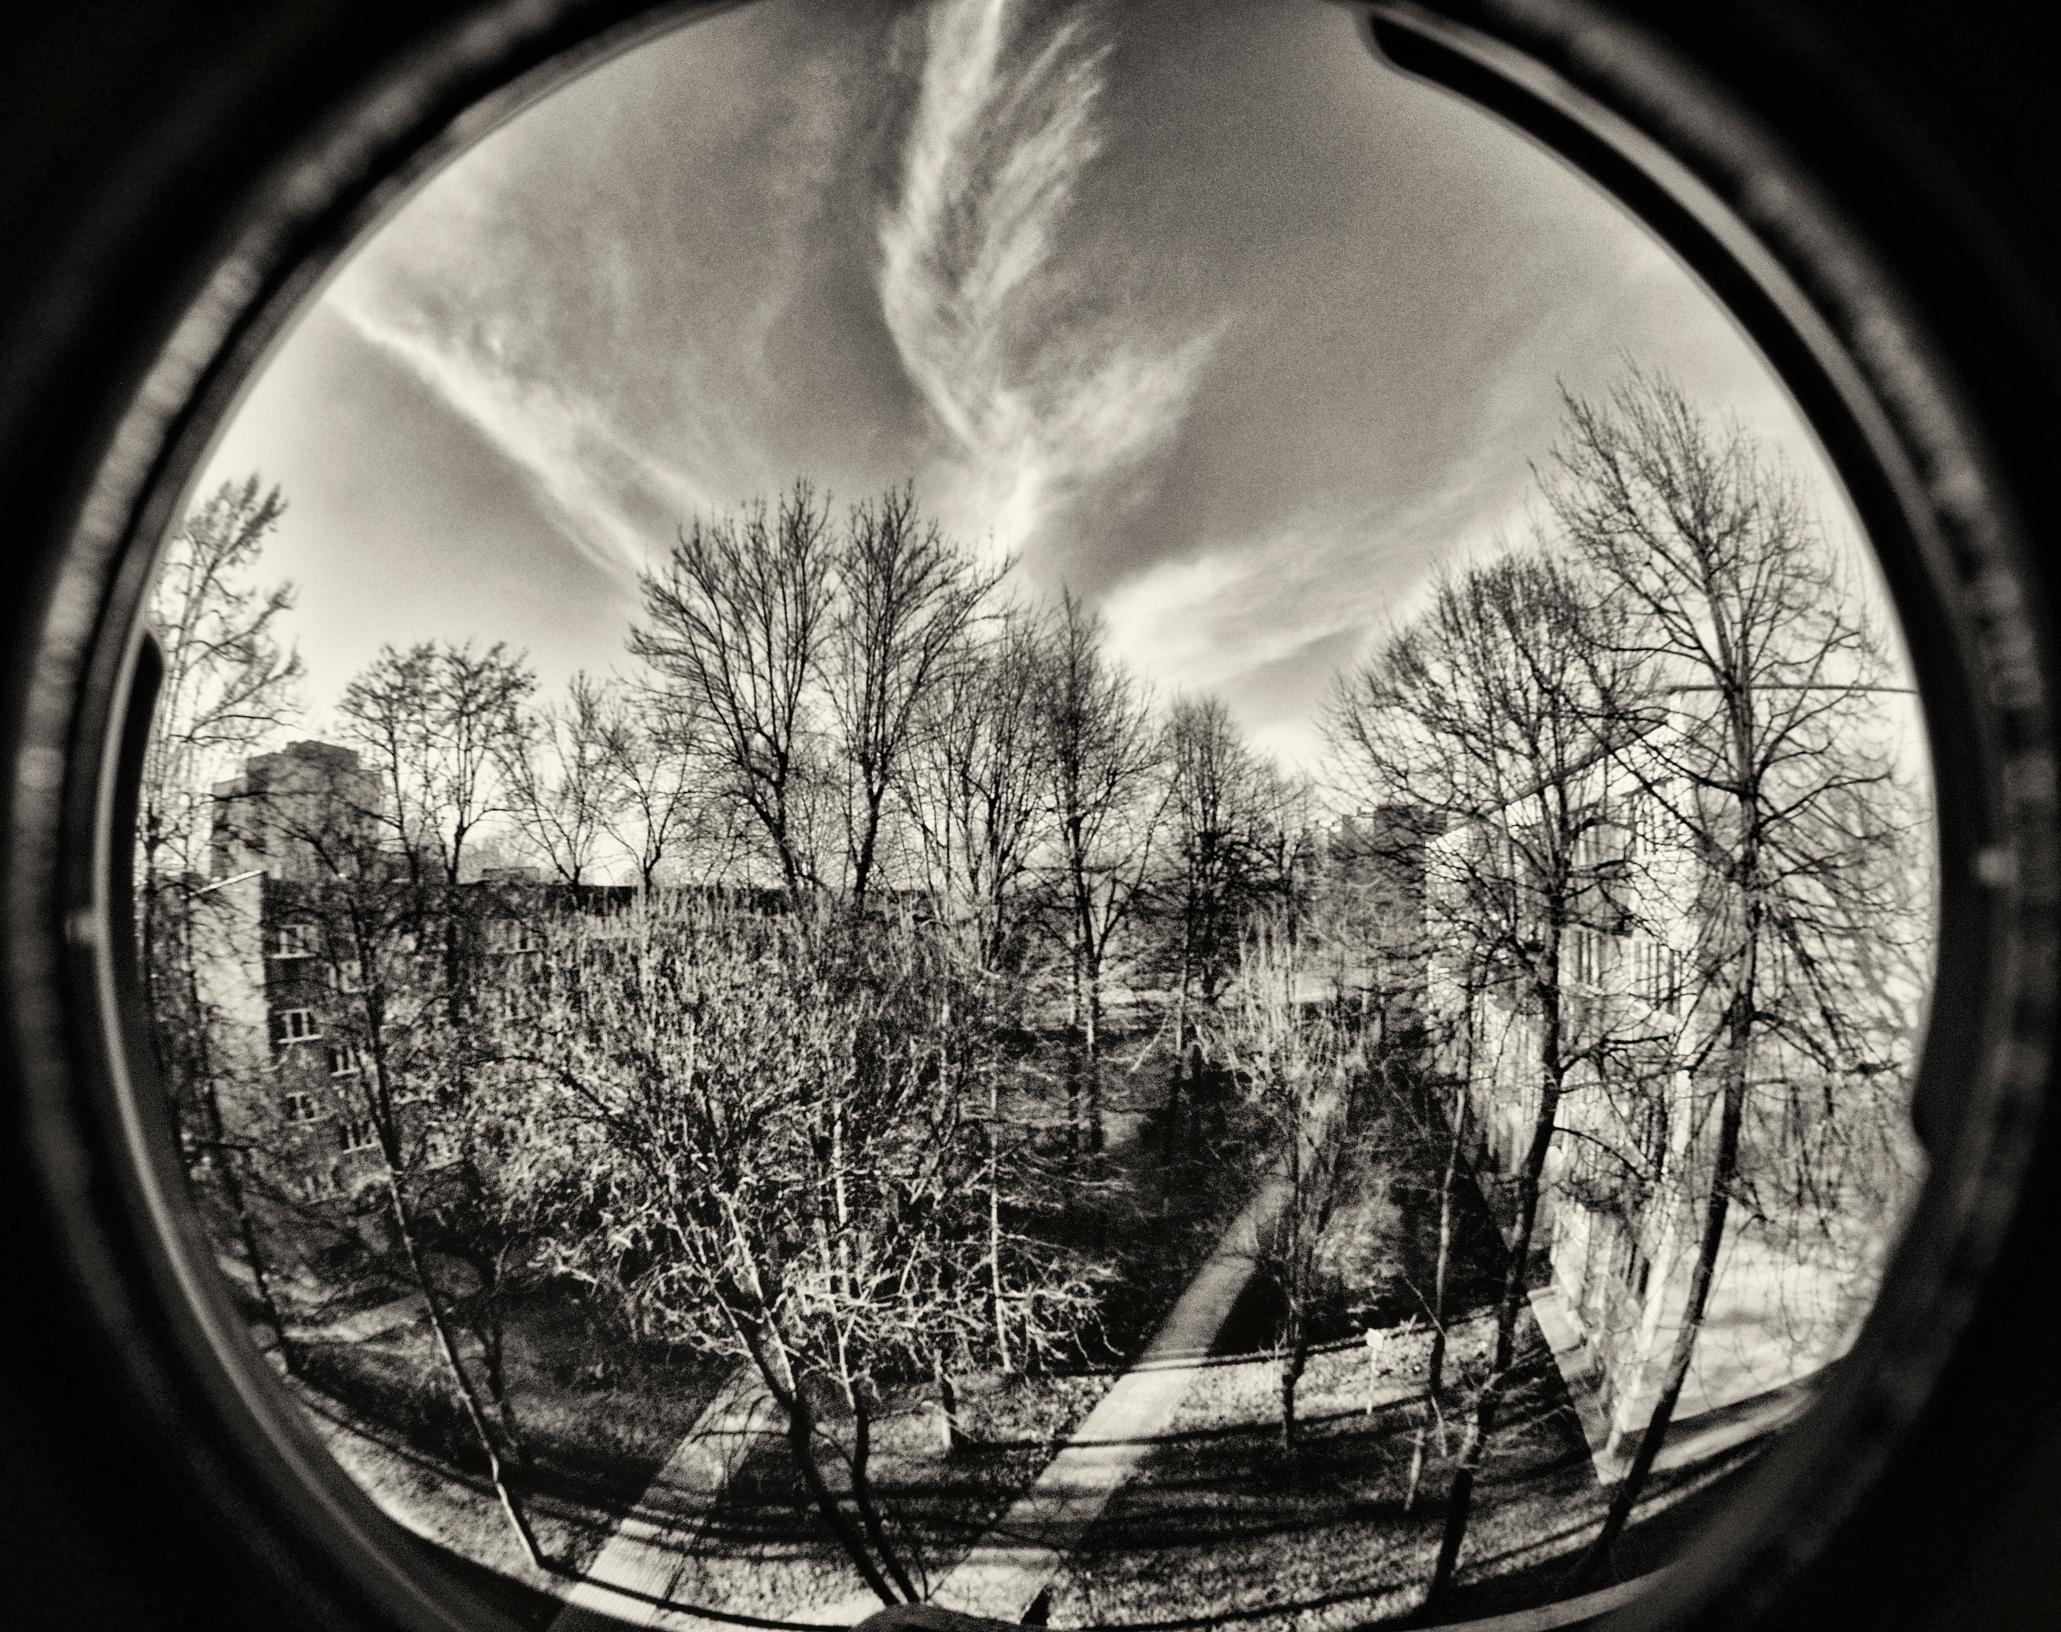 Czarno-biała fotografia zpejzażen widzianym wzaokrągleniu soczewki.